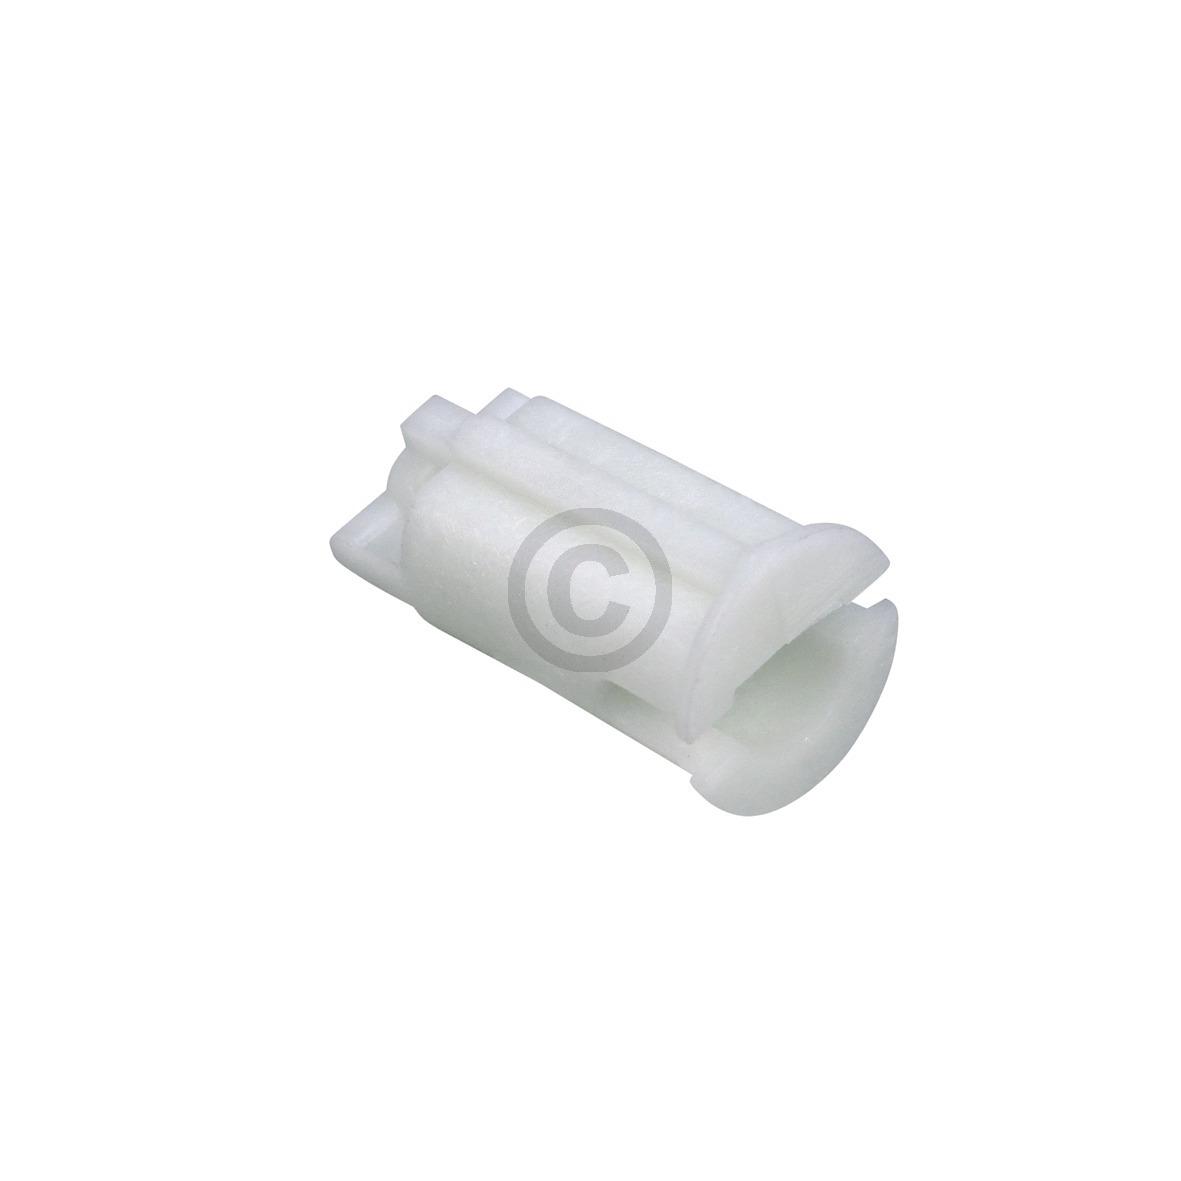 Verbindungsstück Knebel/Schalter 00420601 420601 Bosch, Siemens, Neff